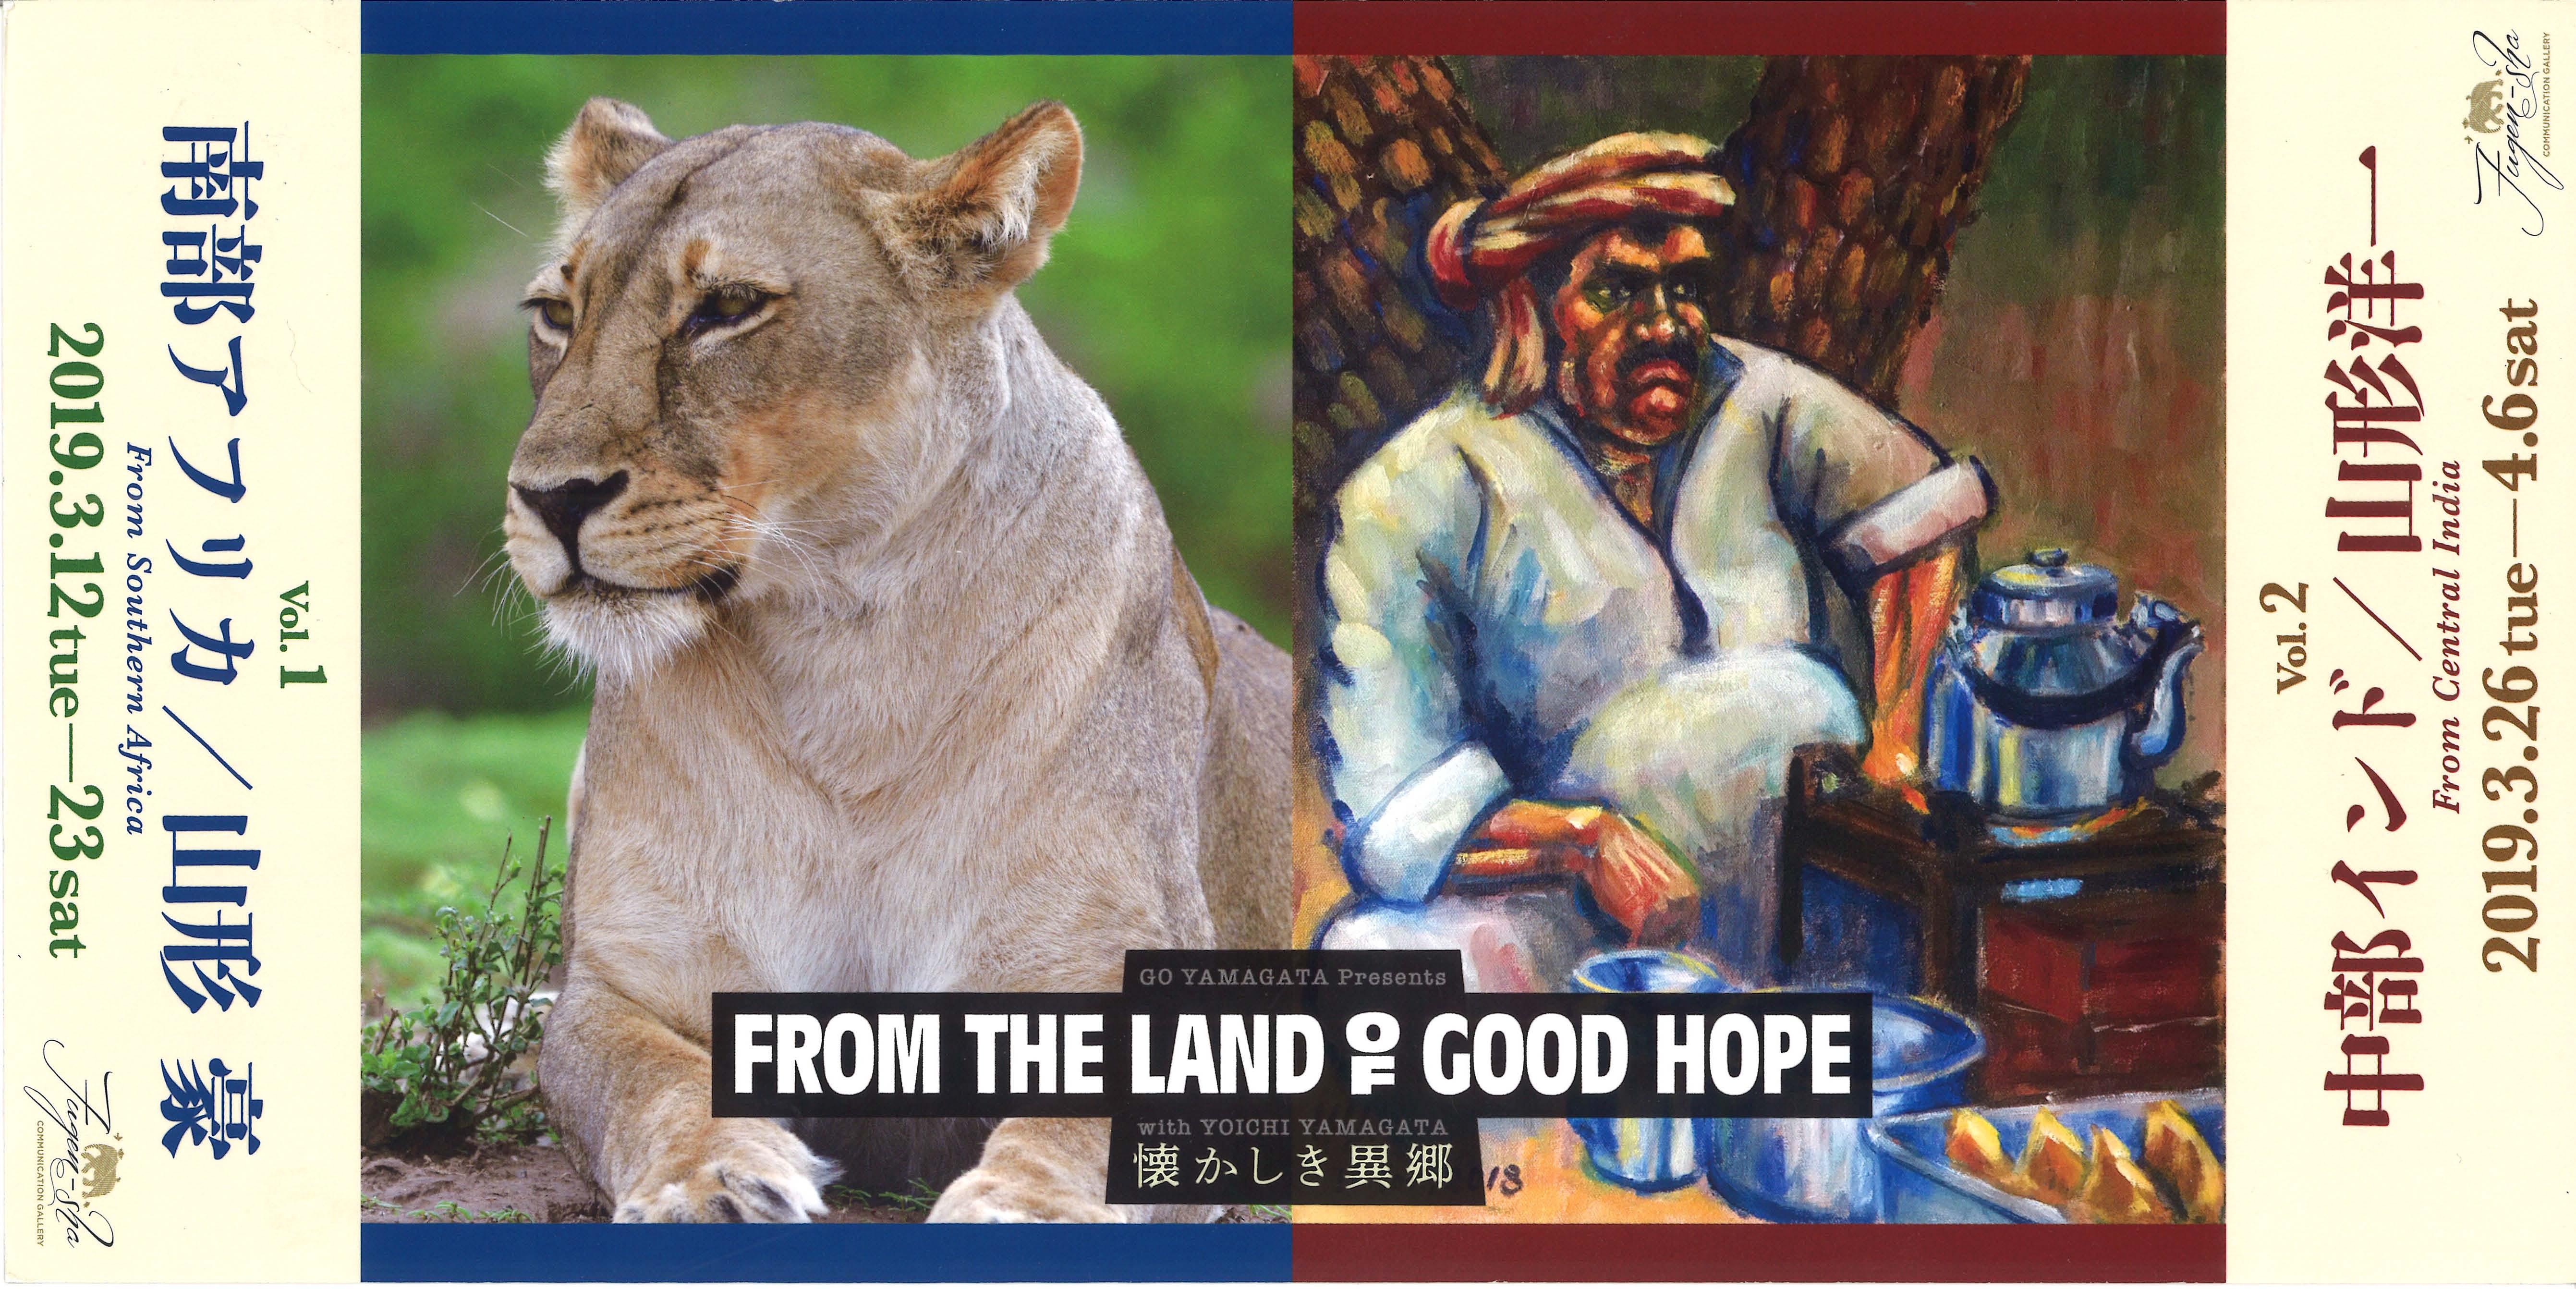 山形豪、山形洋一「FROM THE LAND OF GOOD HOPE」